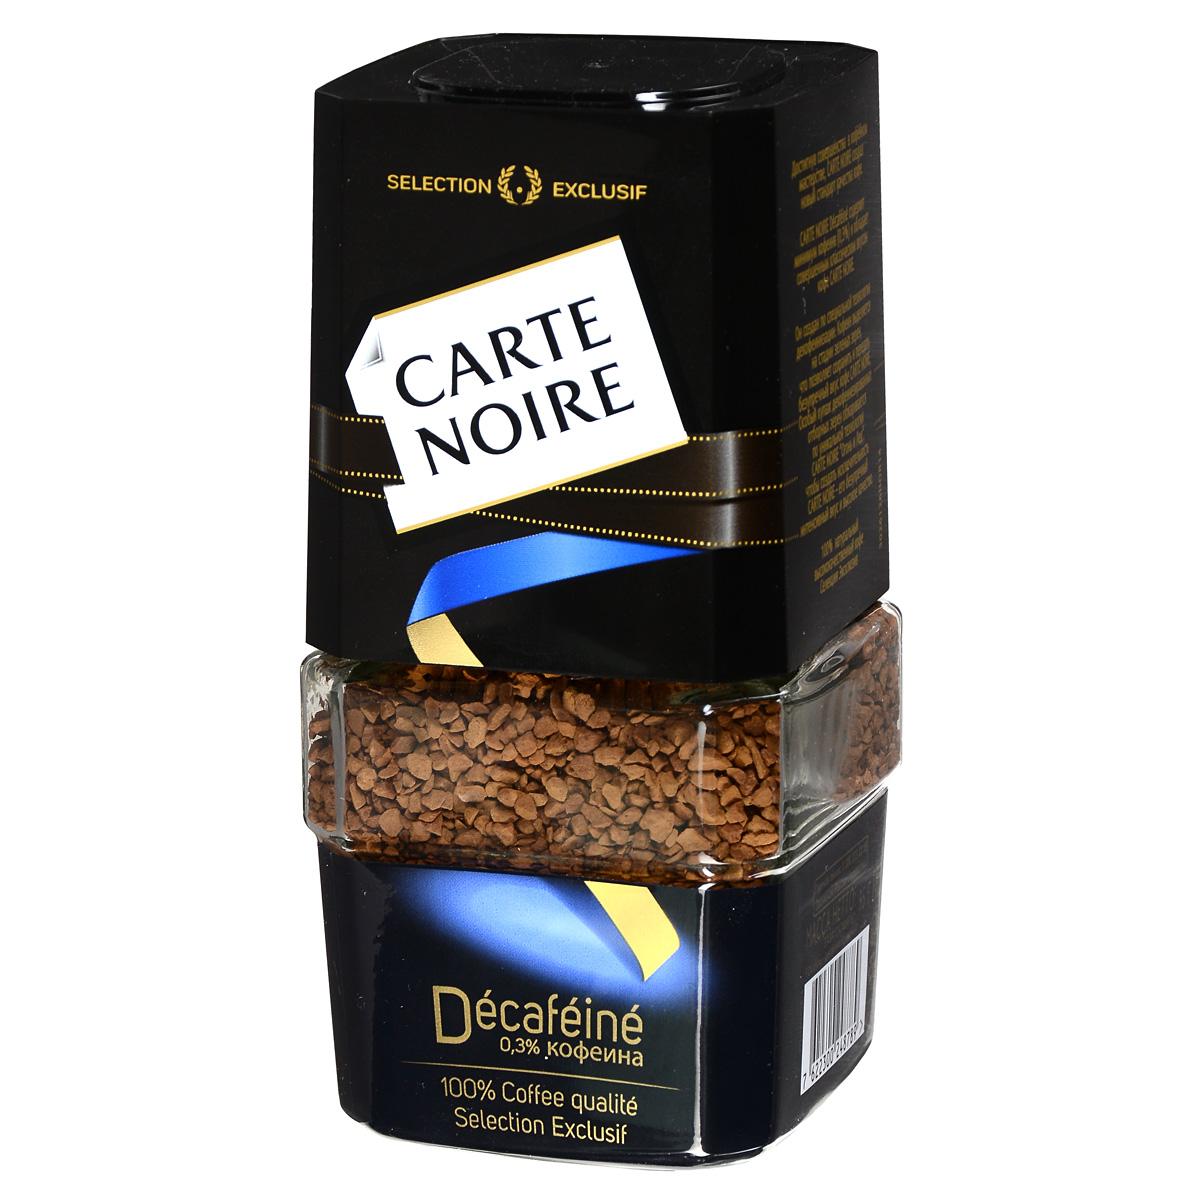 Carte Noire Decafeine кофе растворимый, 95 г (стеклянная банка) carte noire original кофе растворимый 75 г